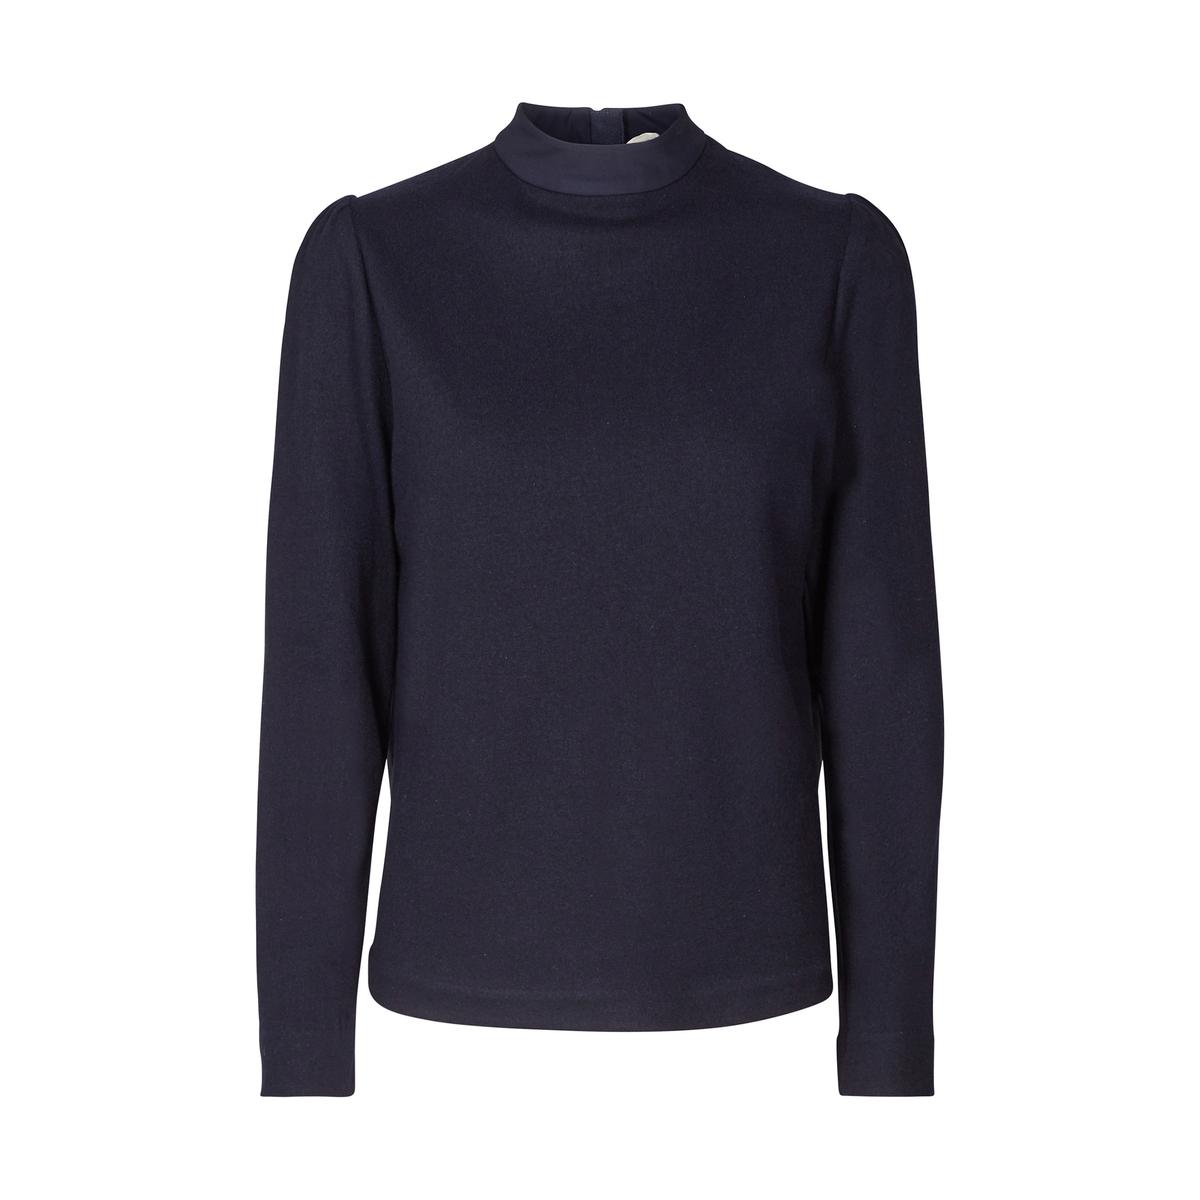 Рубашка однотонная с воротником-стойкой и длинными рукавамиДетали •  Длинные рукава •  Прямой покрой  •  Воротник-стойкаСостав и уход •  70% шерсти, 30% полиэстера •  Следуйте советам по уходу, указанным на этикетке<br><br>Цвет: синий морской<br>Размер: S